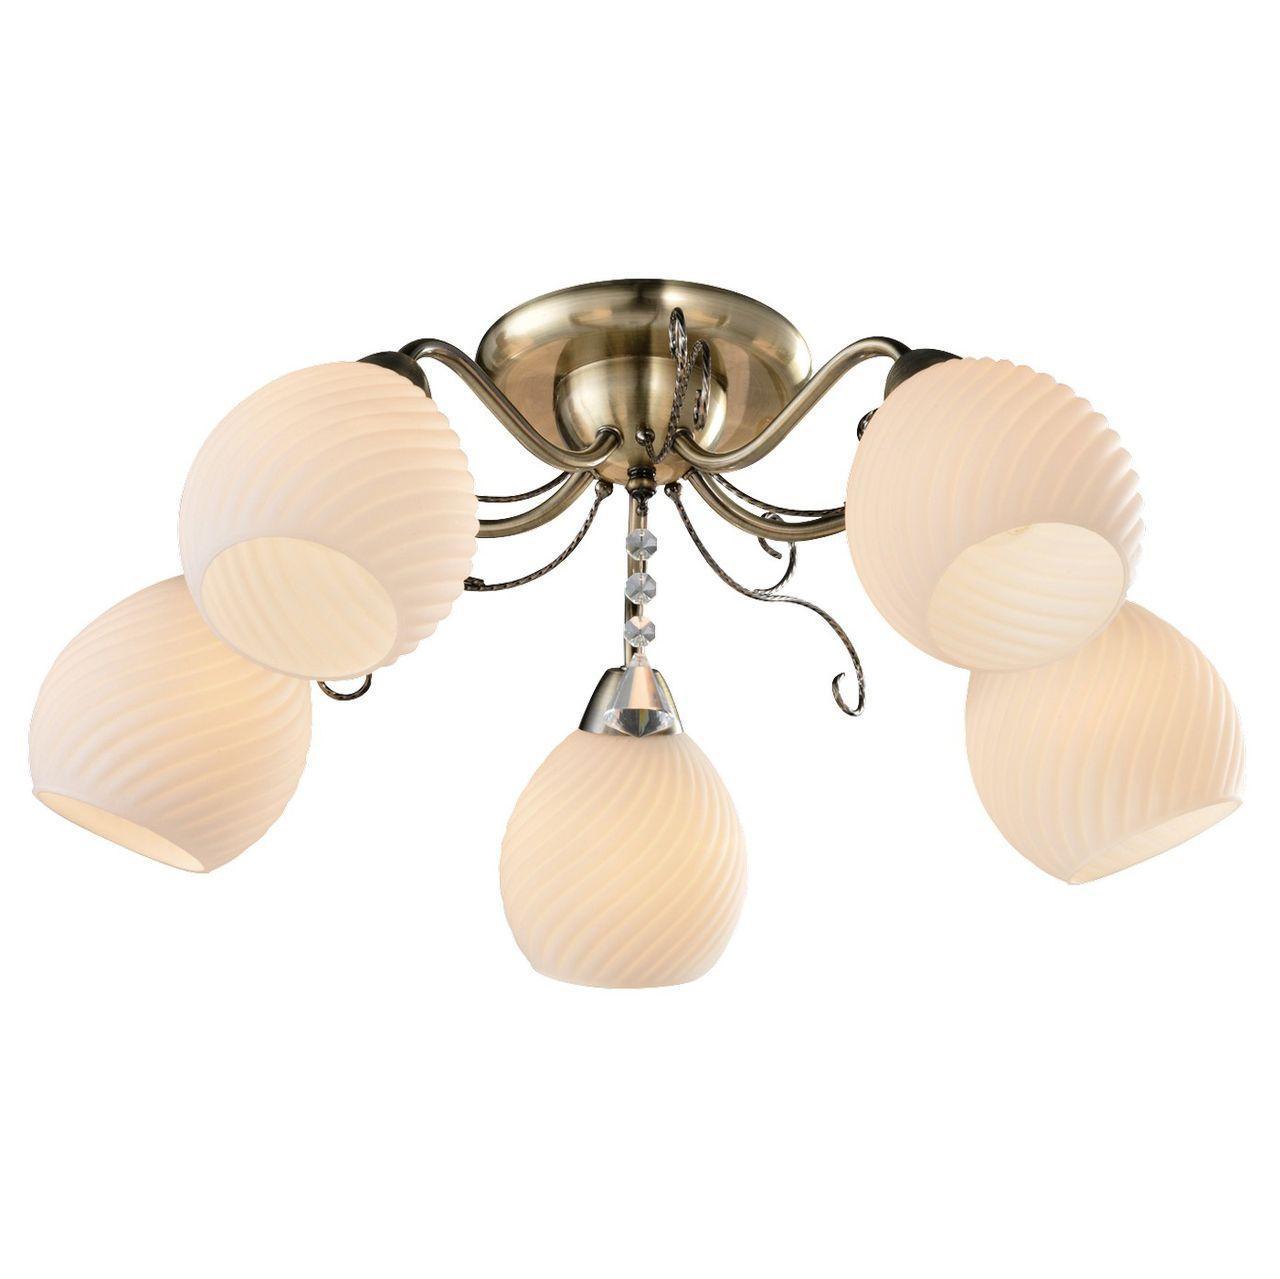 Люстра Arte Lamp 54 A6373PL-5AB потолочная люстра arte lamp a6373pl 5ab